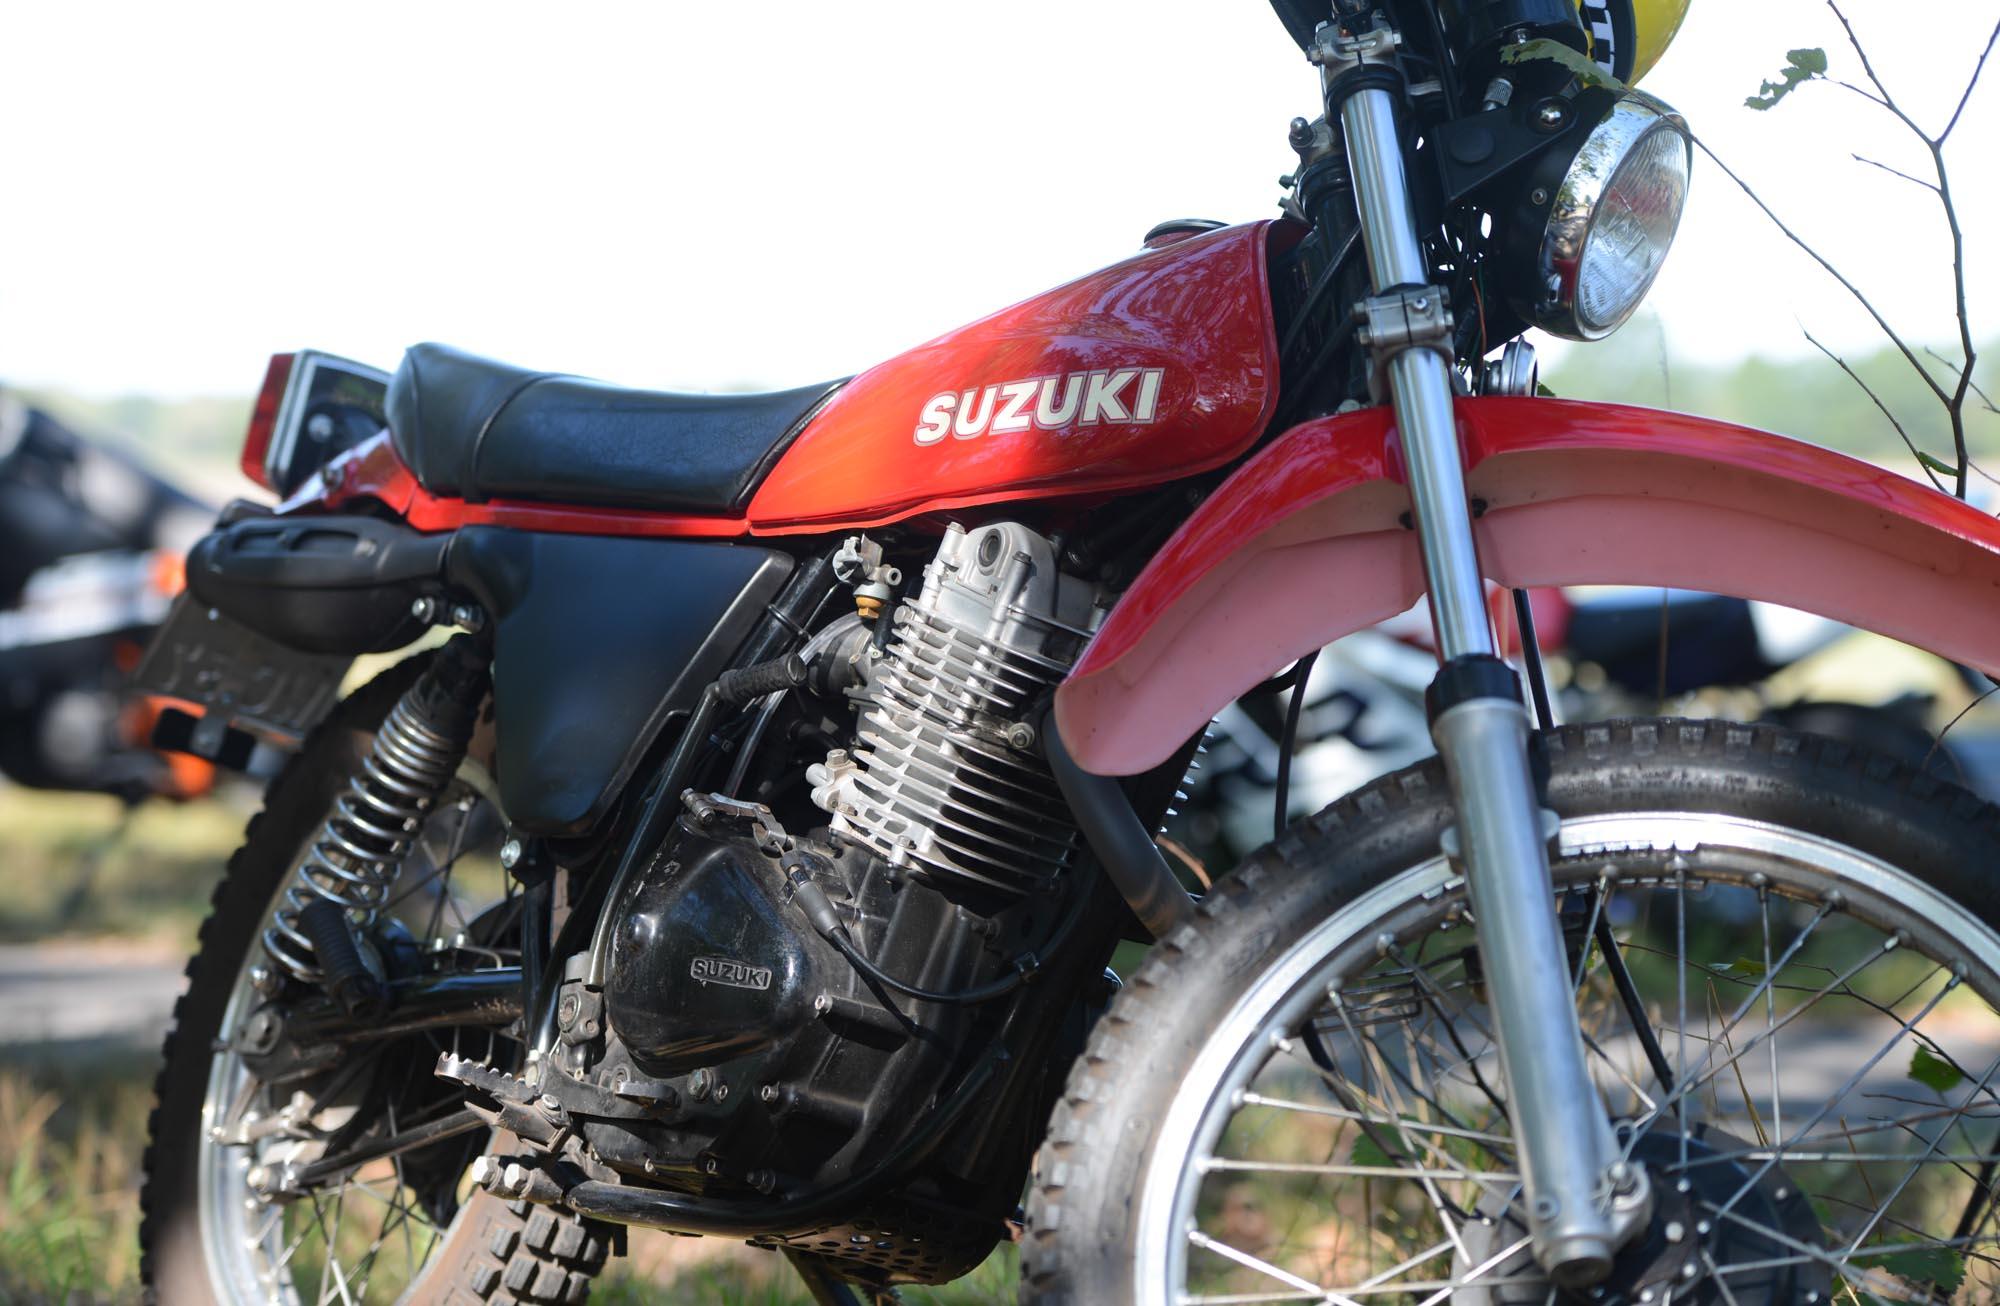 SUZUKI SP 370 (1978-1981)